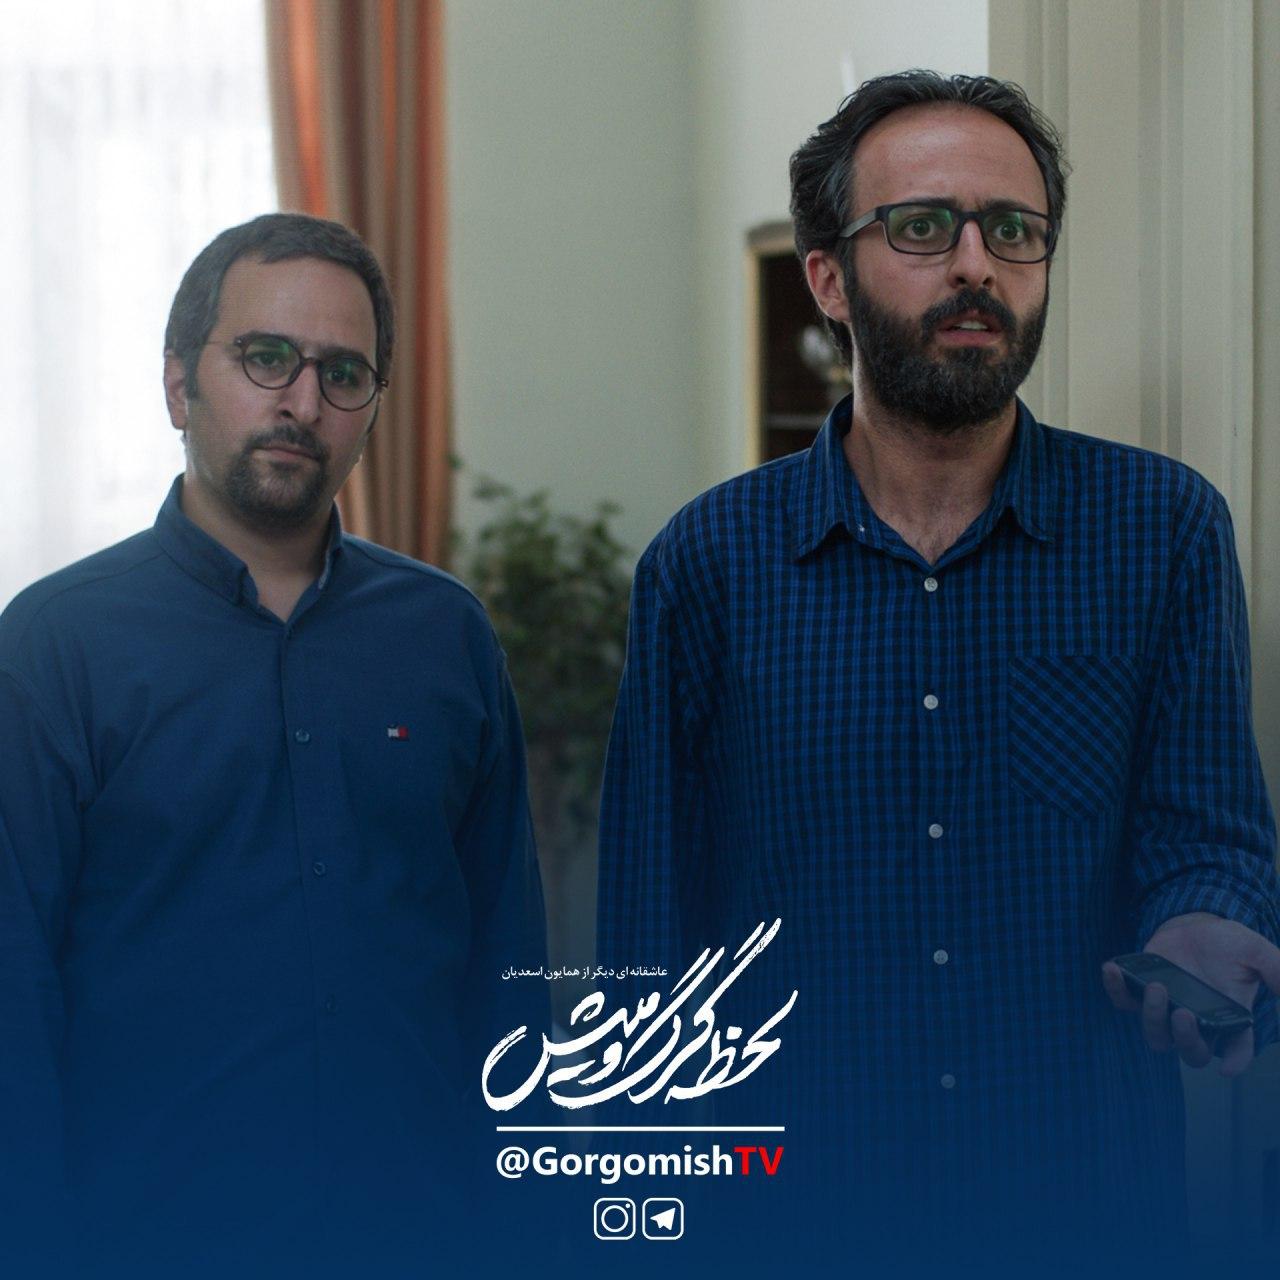 ناصر سجادی حسینی در صحنه سریال تلویزیونی لحظه گرگ و میش به همراه حسام محمودی